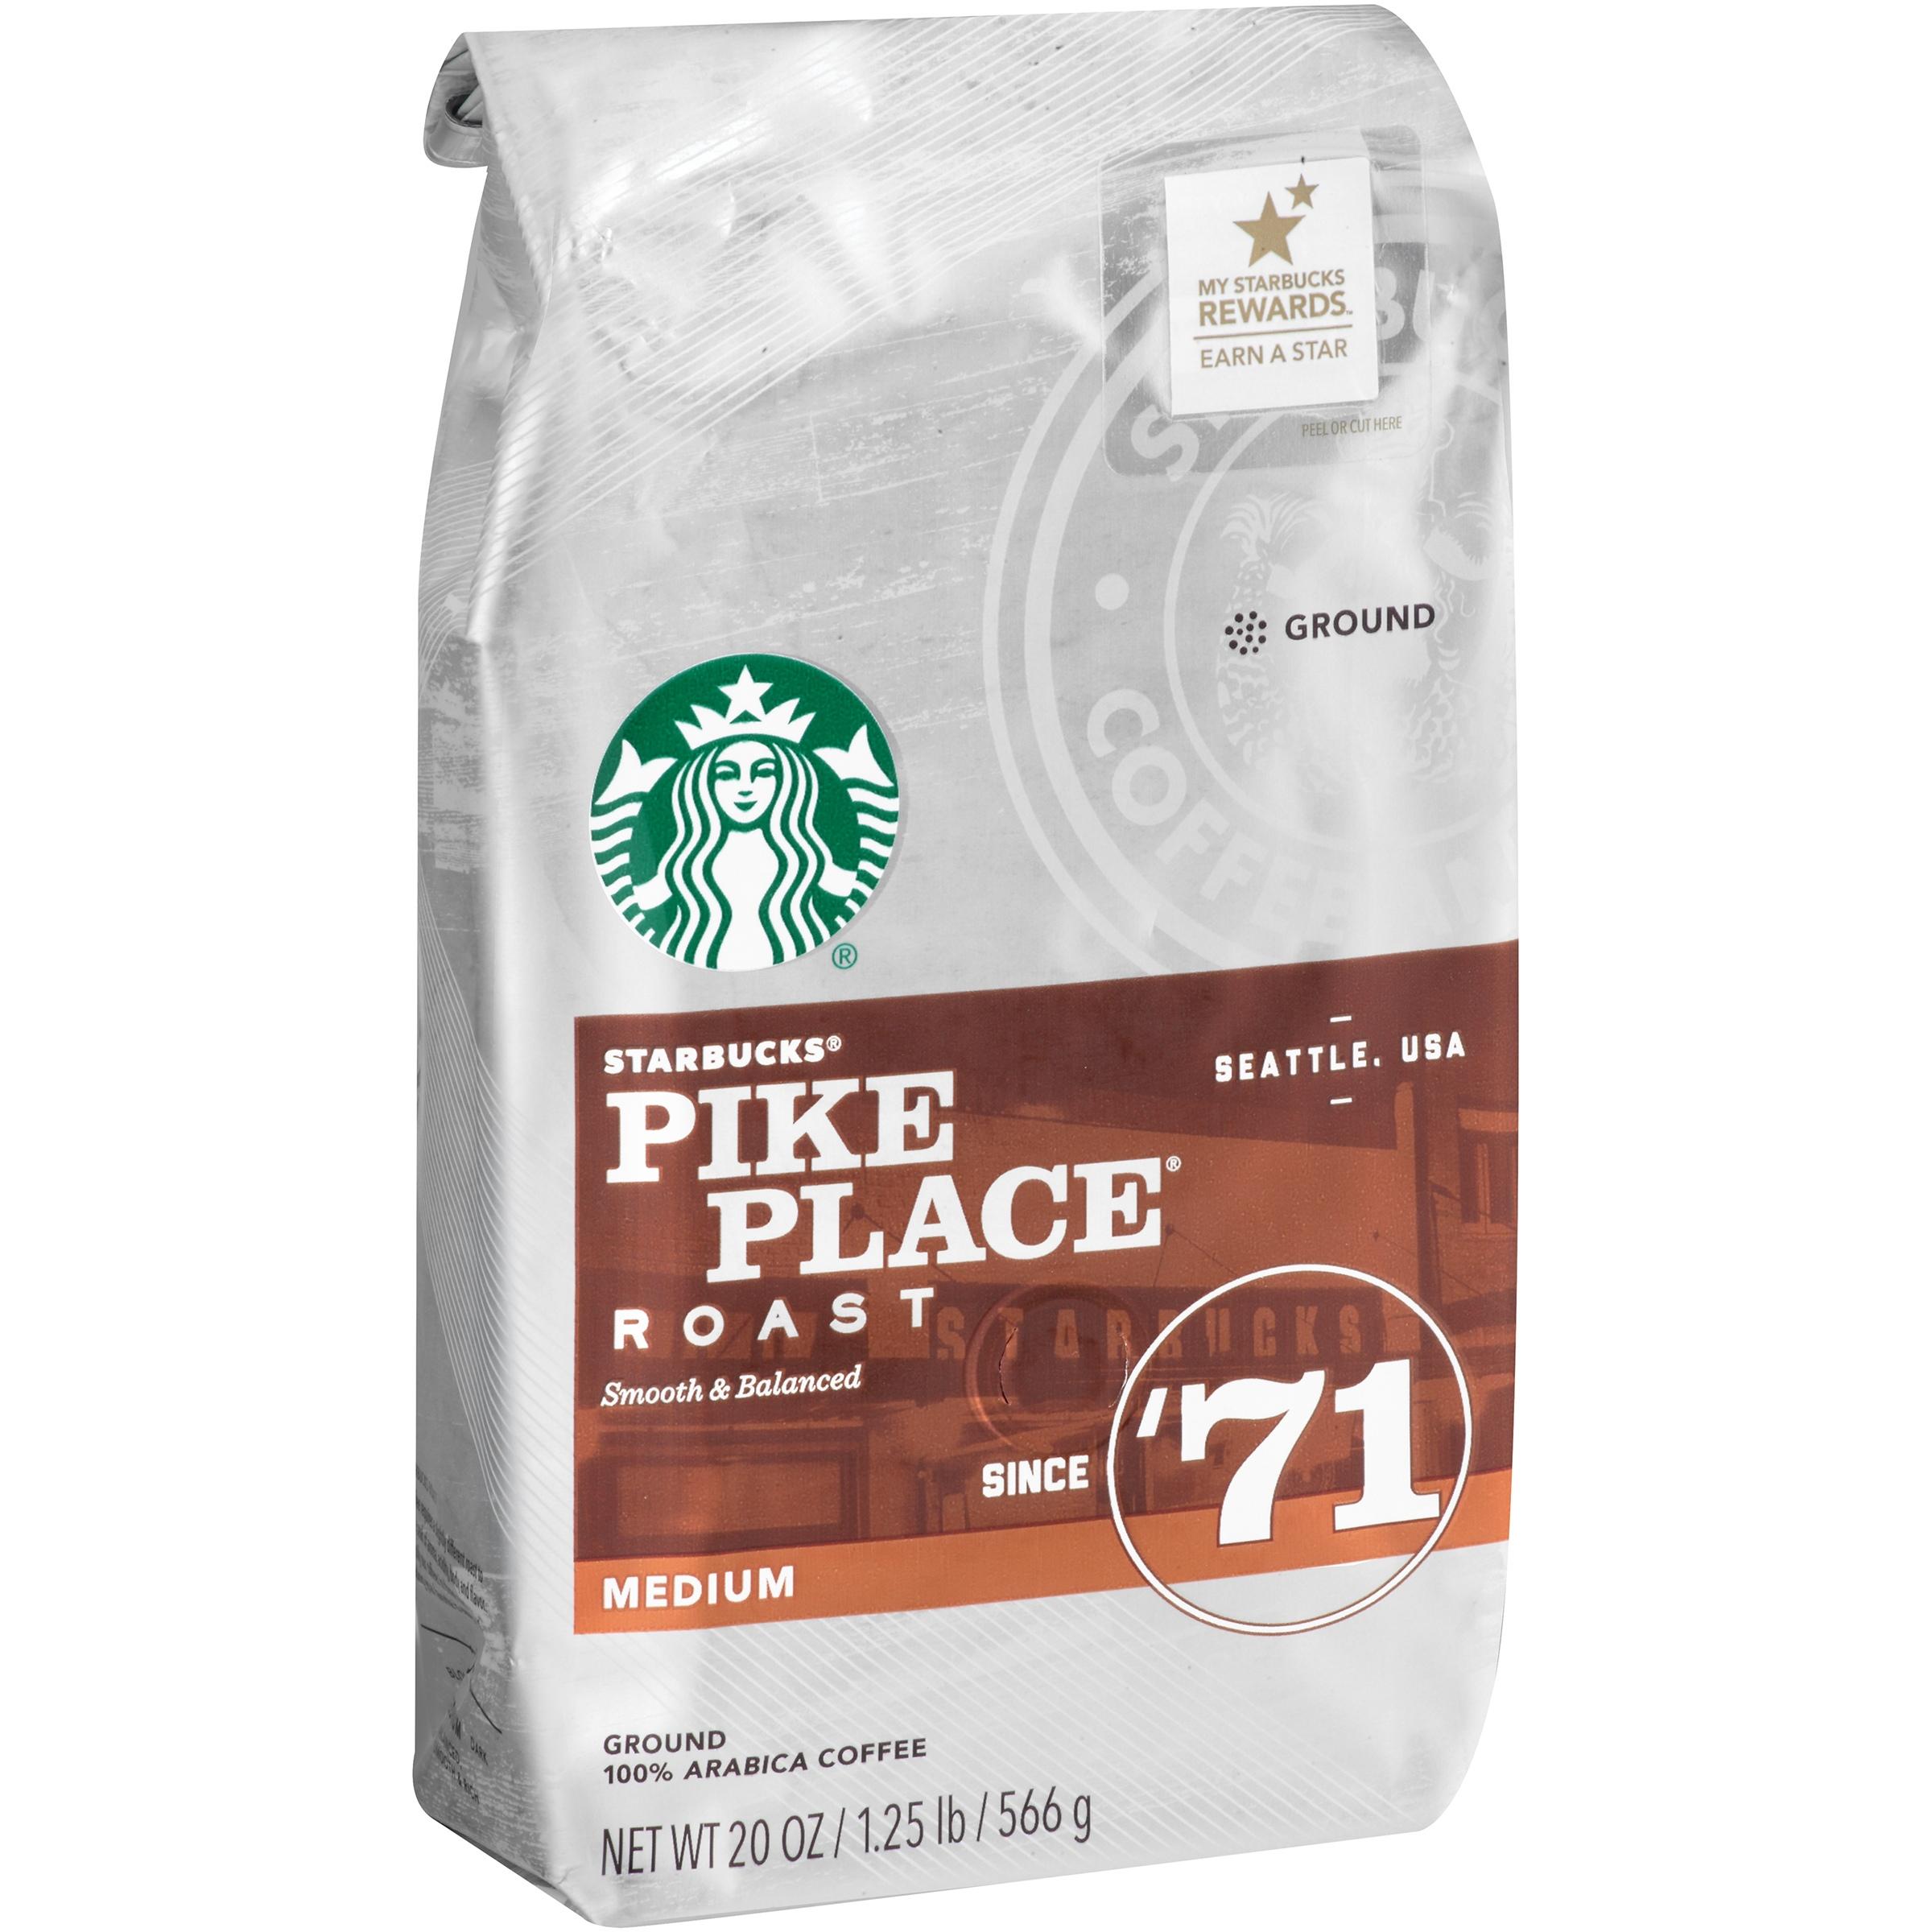 Starbucks Pike Place Roast Medium Ground Coffee, 20.0 OZ